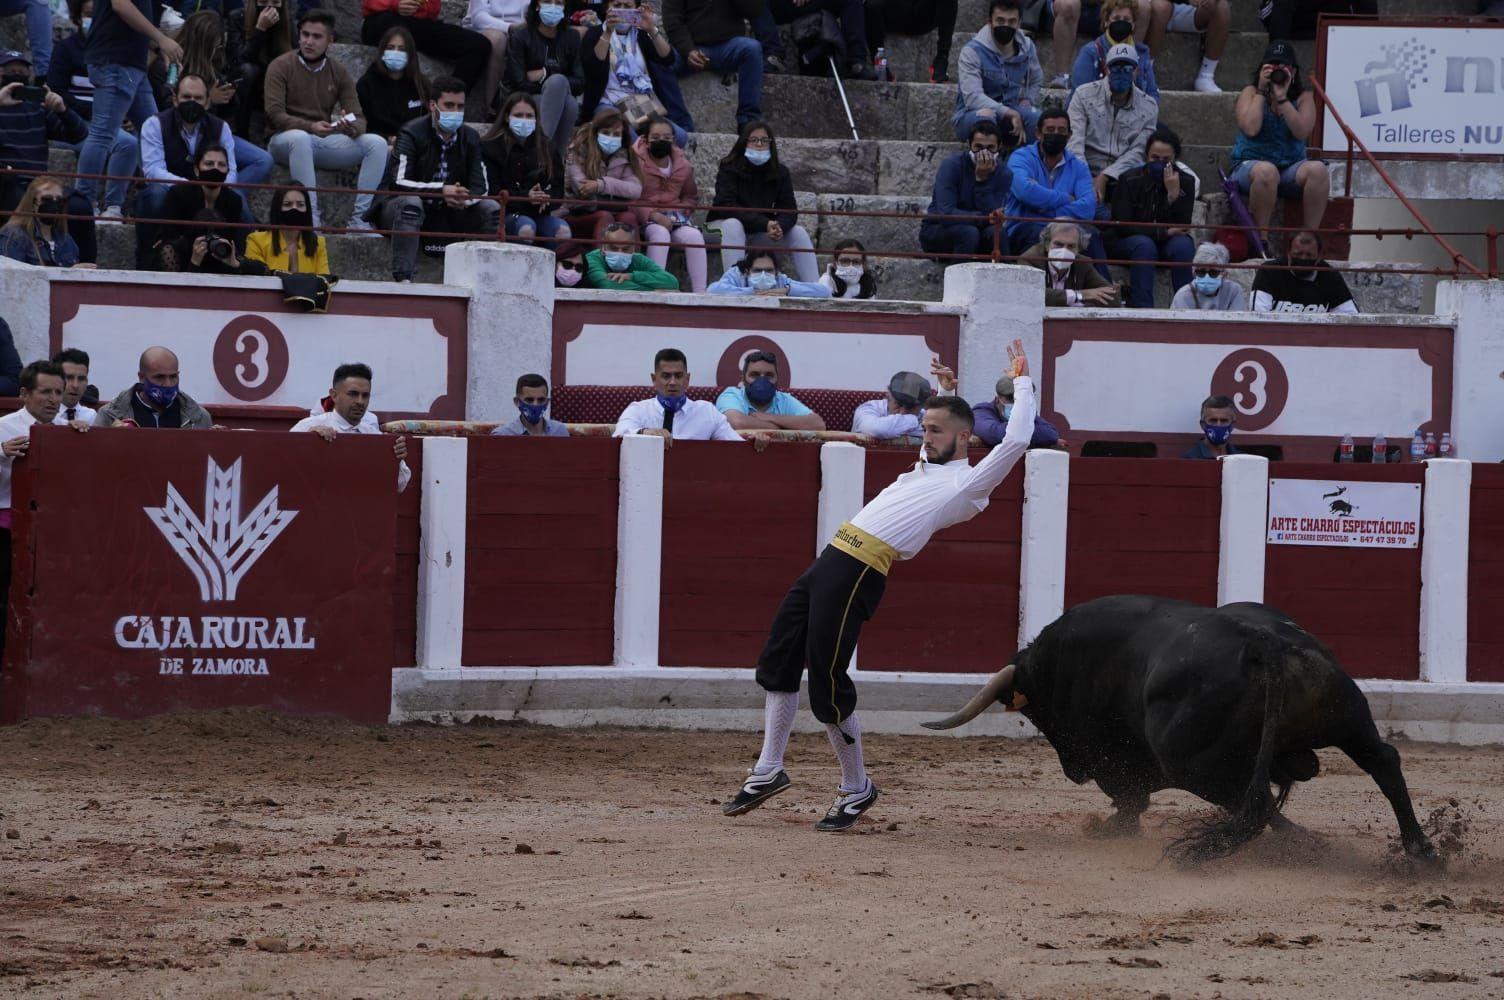 Concurso de Cortes Zamora 2021